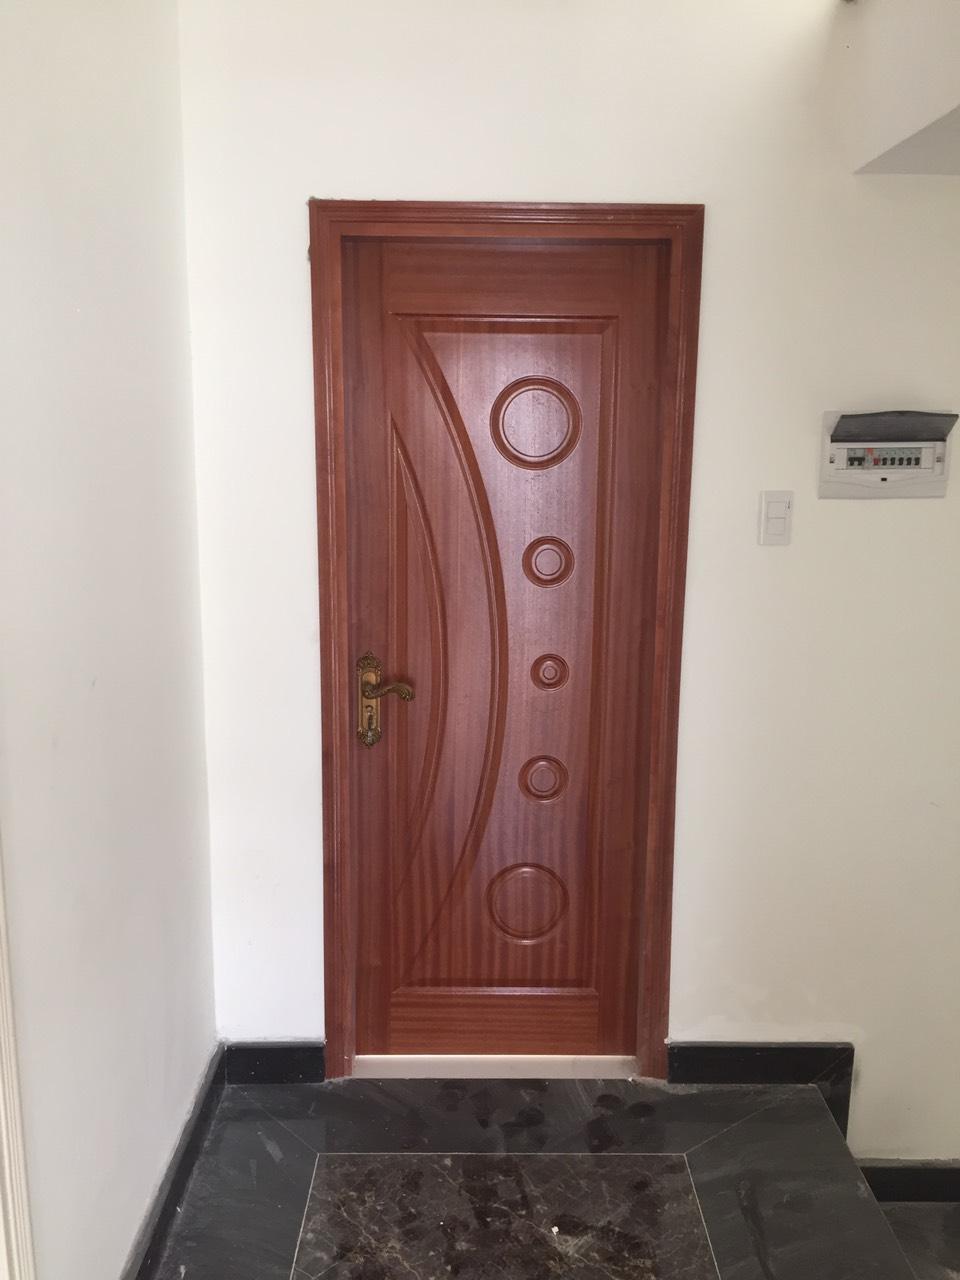 Mẫu cửa gỗ công nghiệp HDF Veneer - cửa gỗ phòng ngủ giá rẻ.